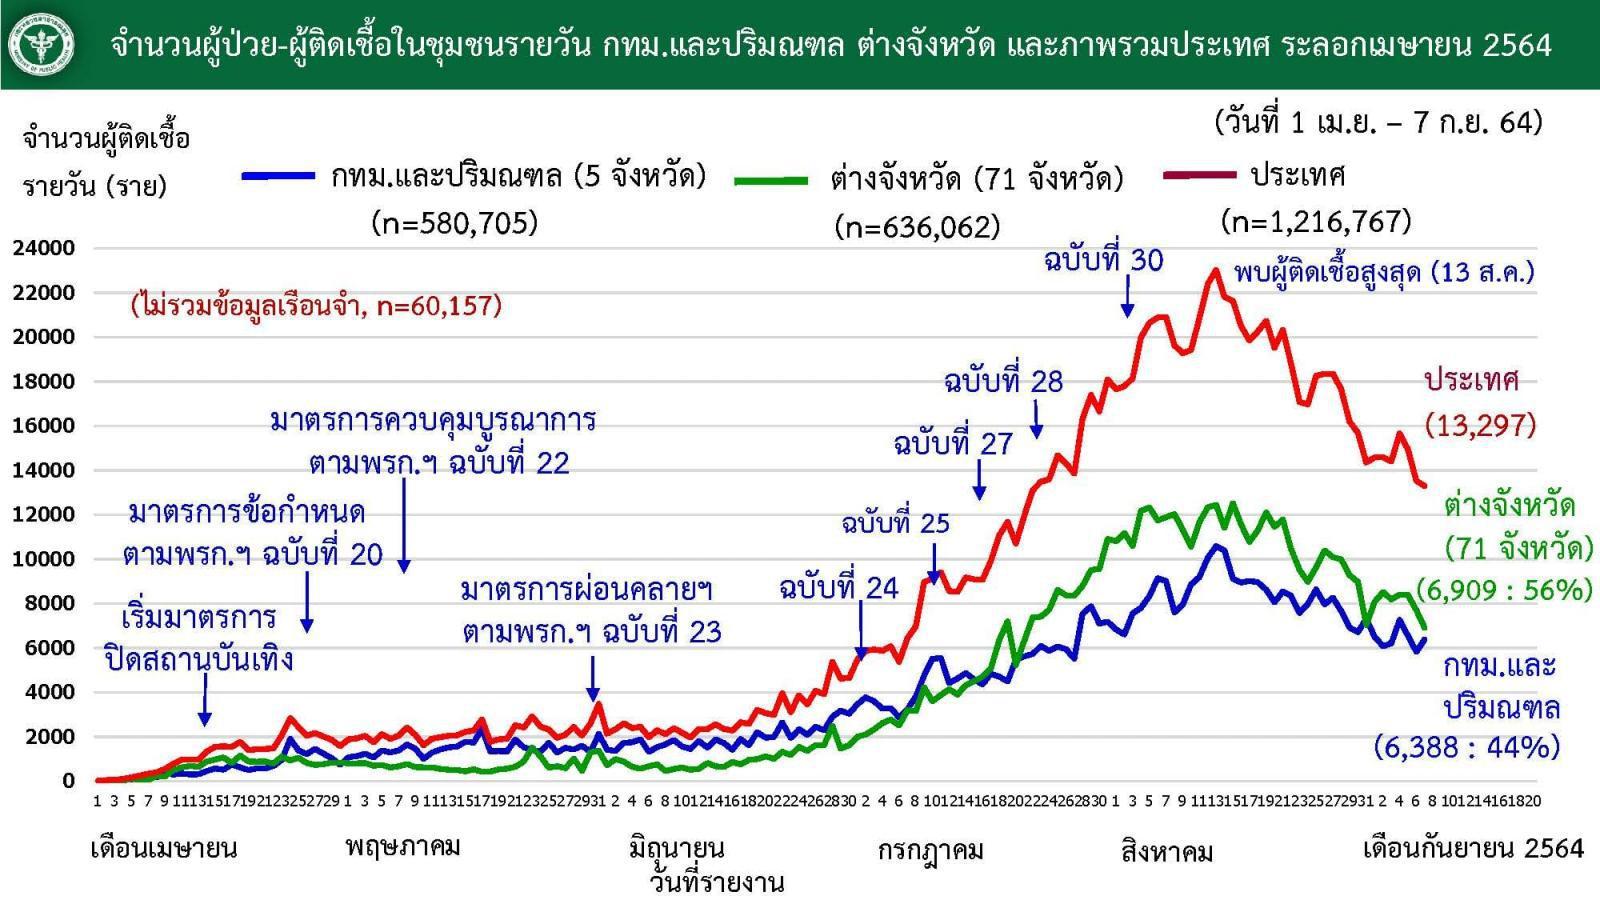 ศบค. เผย โควิดวันนี้ รักษาหายมากกว่าติดเชื้อ ยอดสะสมไทยรั้งอันดับ 29 ของโลก